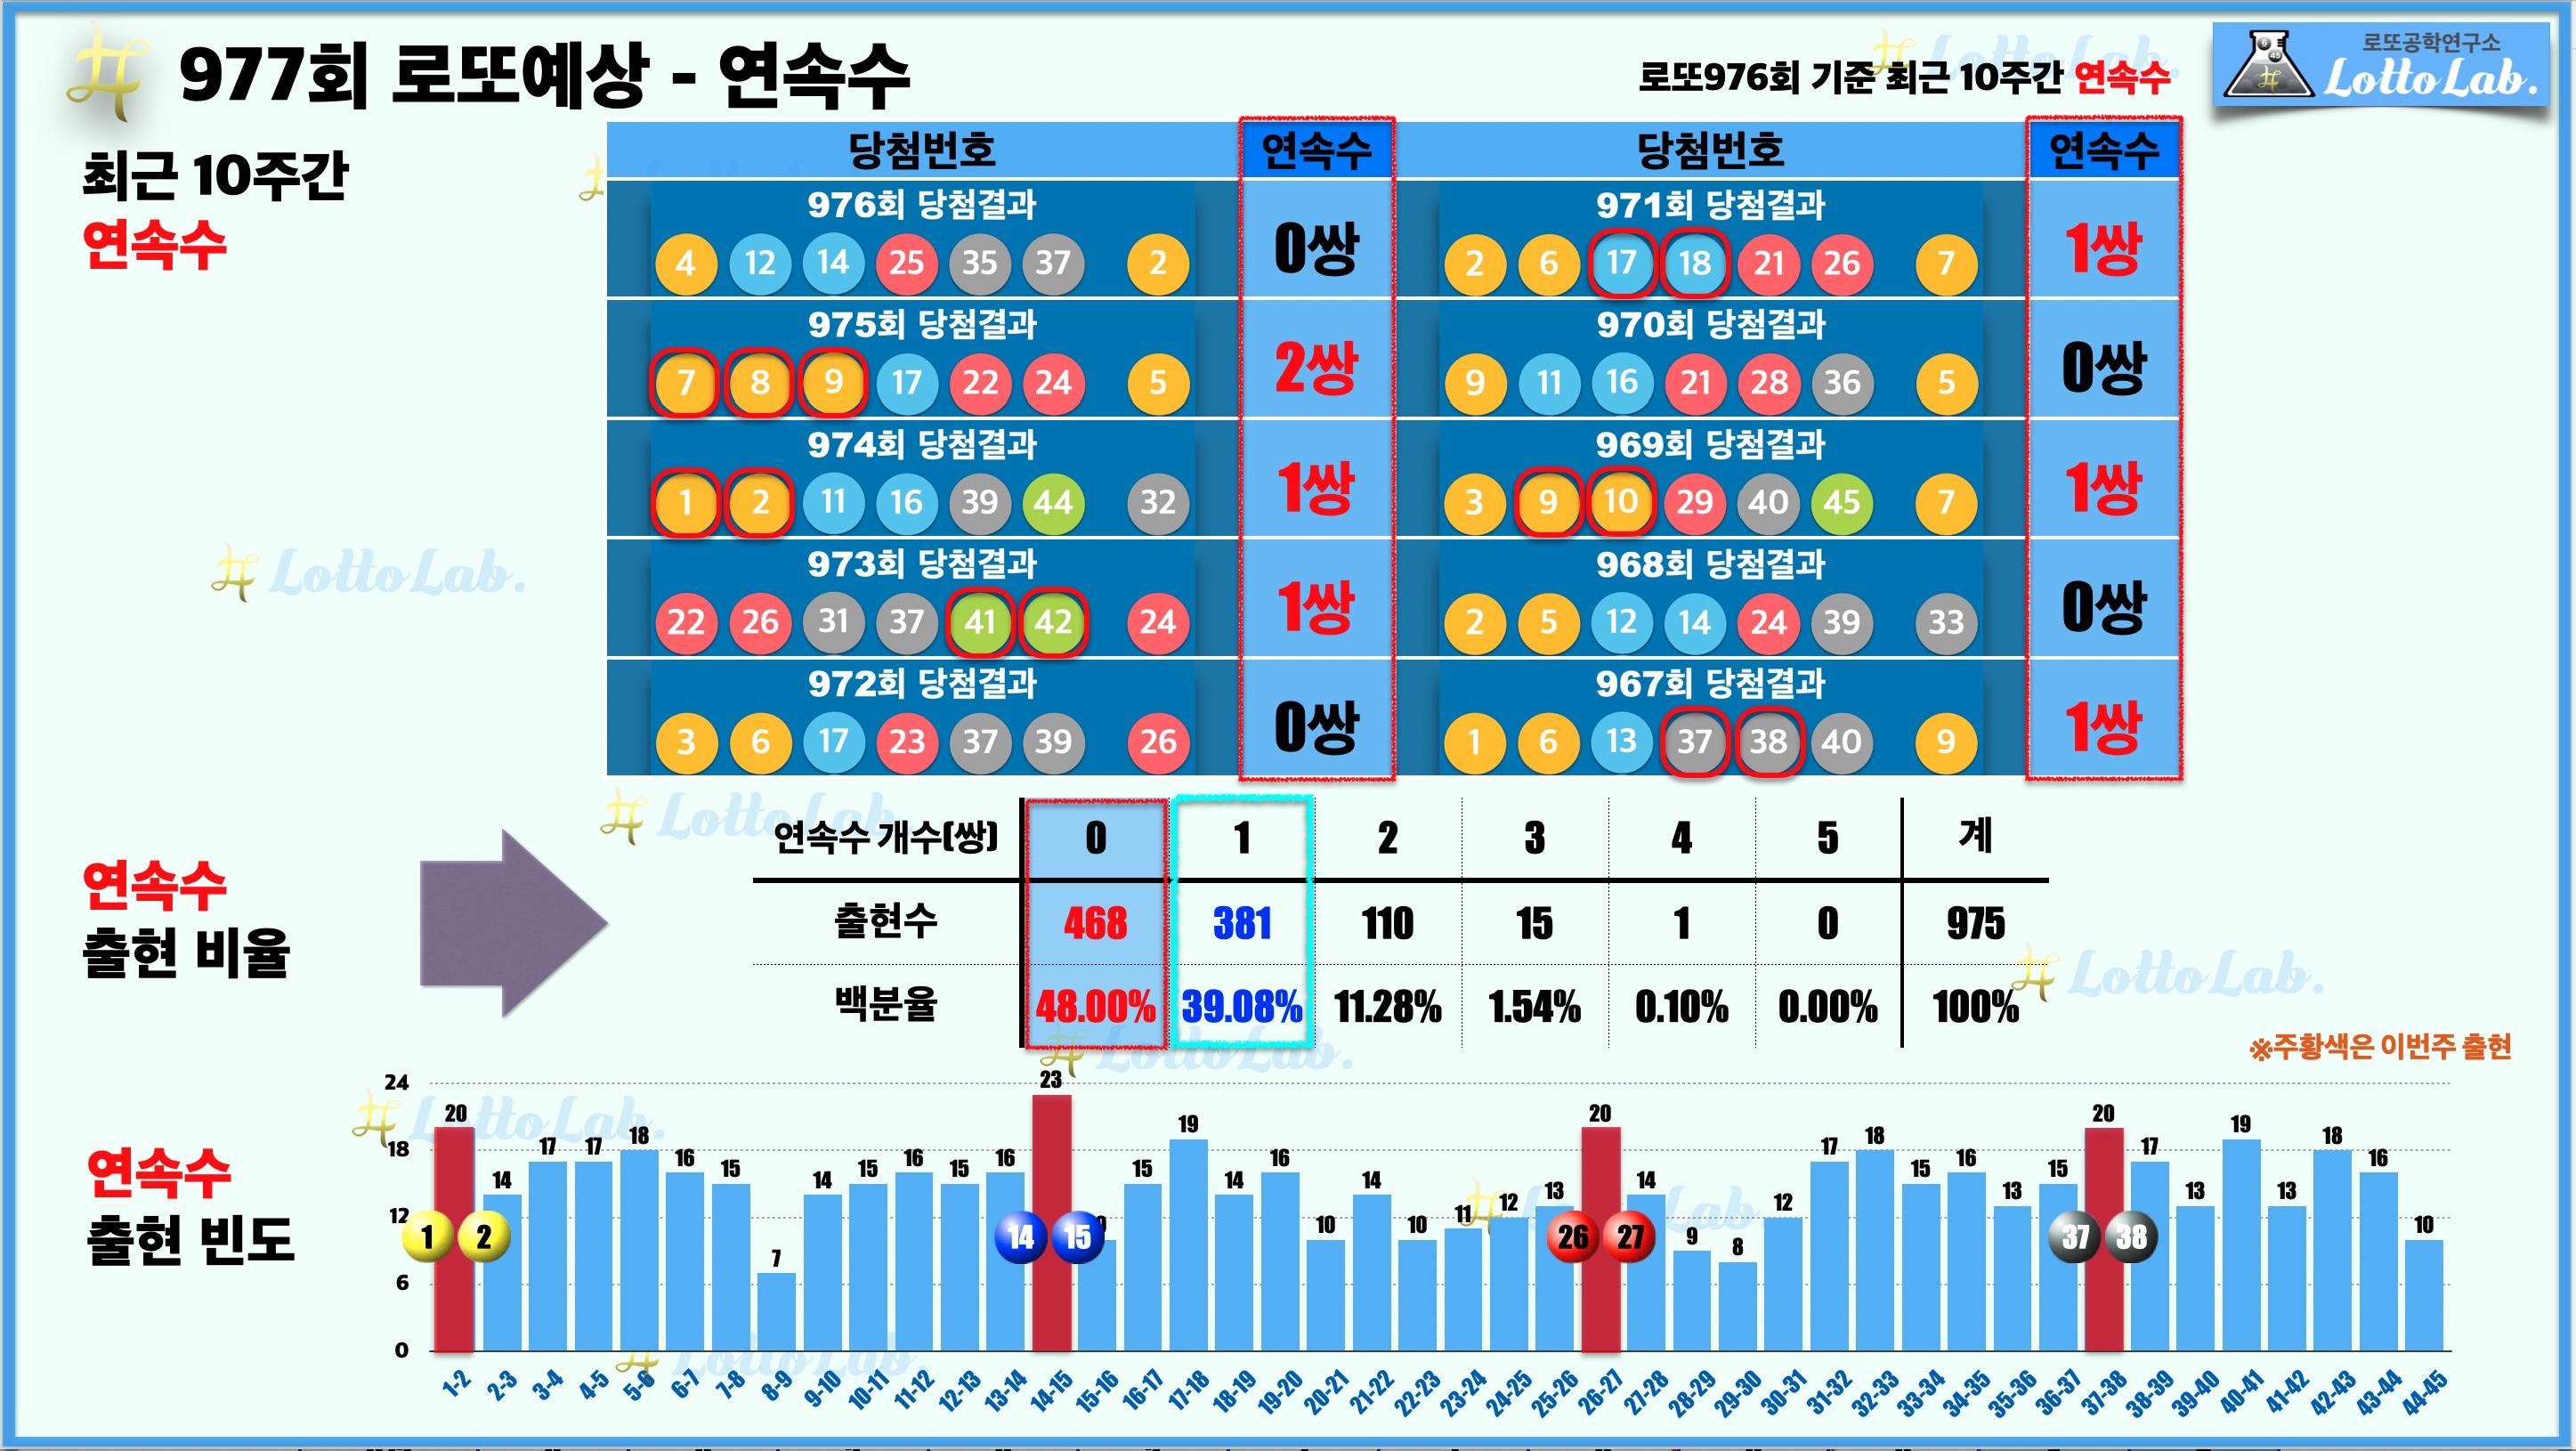 로또랩 로또977 당첨 번호 예상 - 연속수